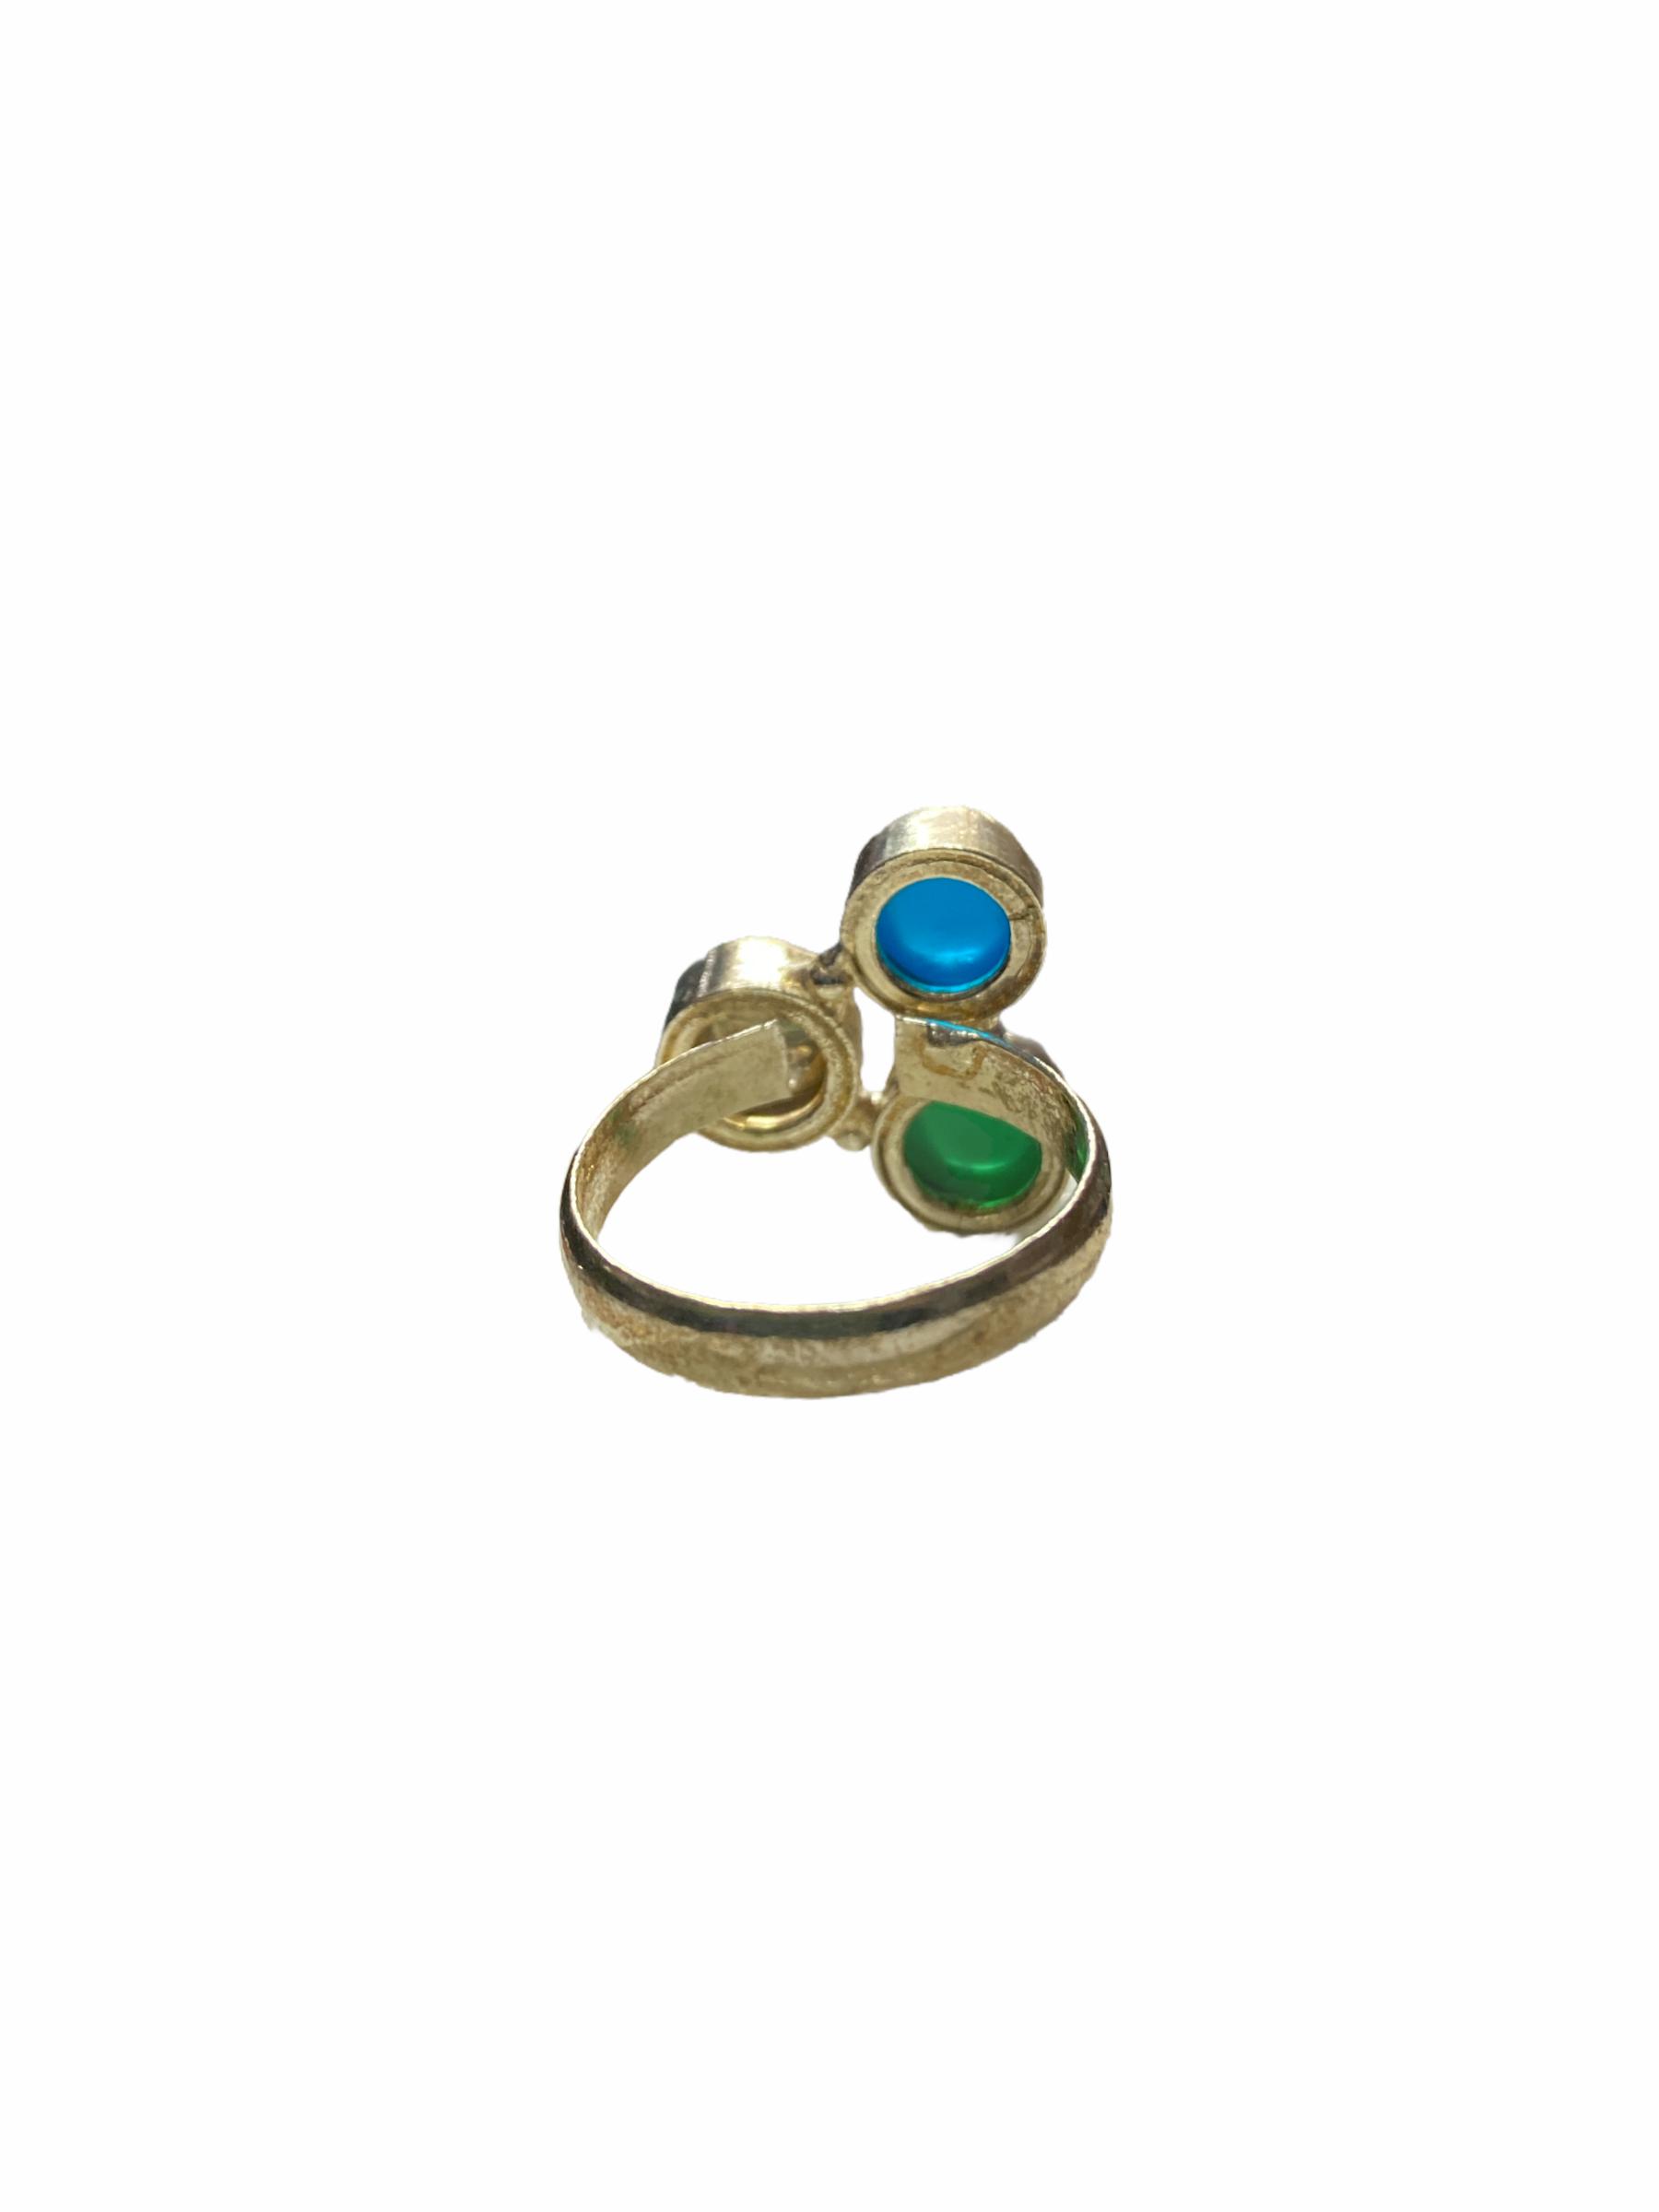 Δαχτυλίδι Χειροποίητο Με Κρύσταλλο-Νεφρίτη-Οπάλιο Σε Χρώμα Ασημί